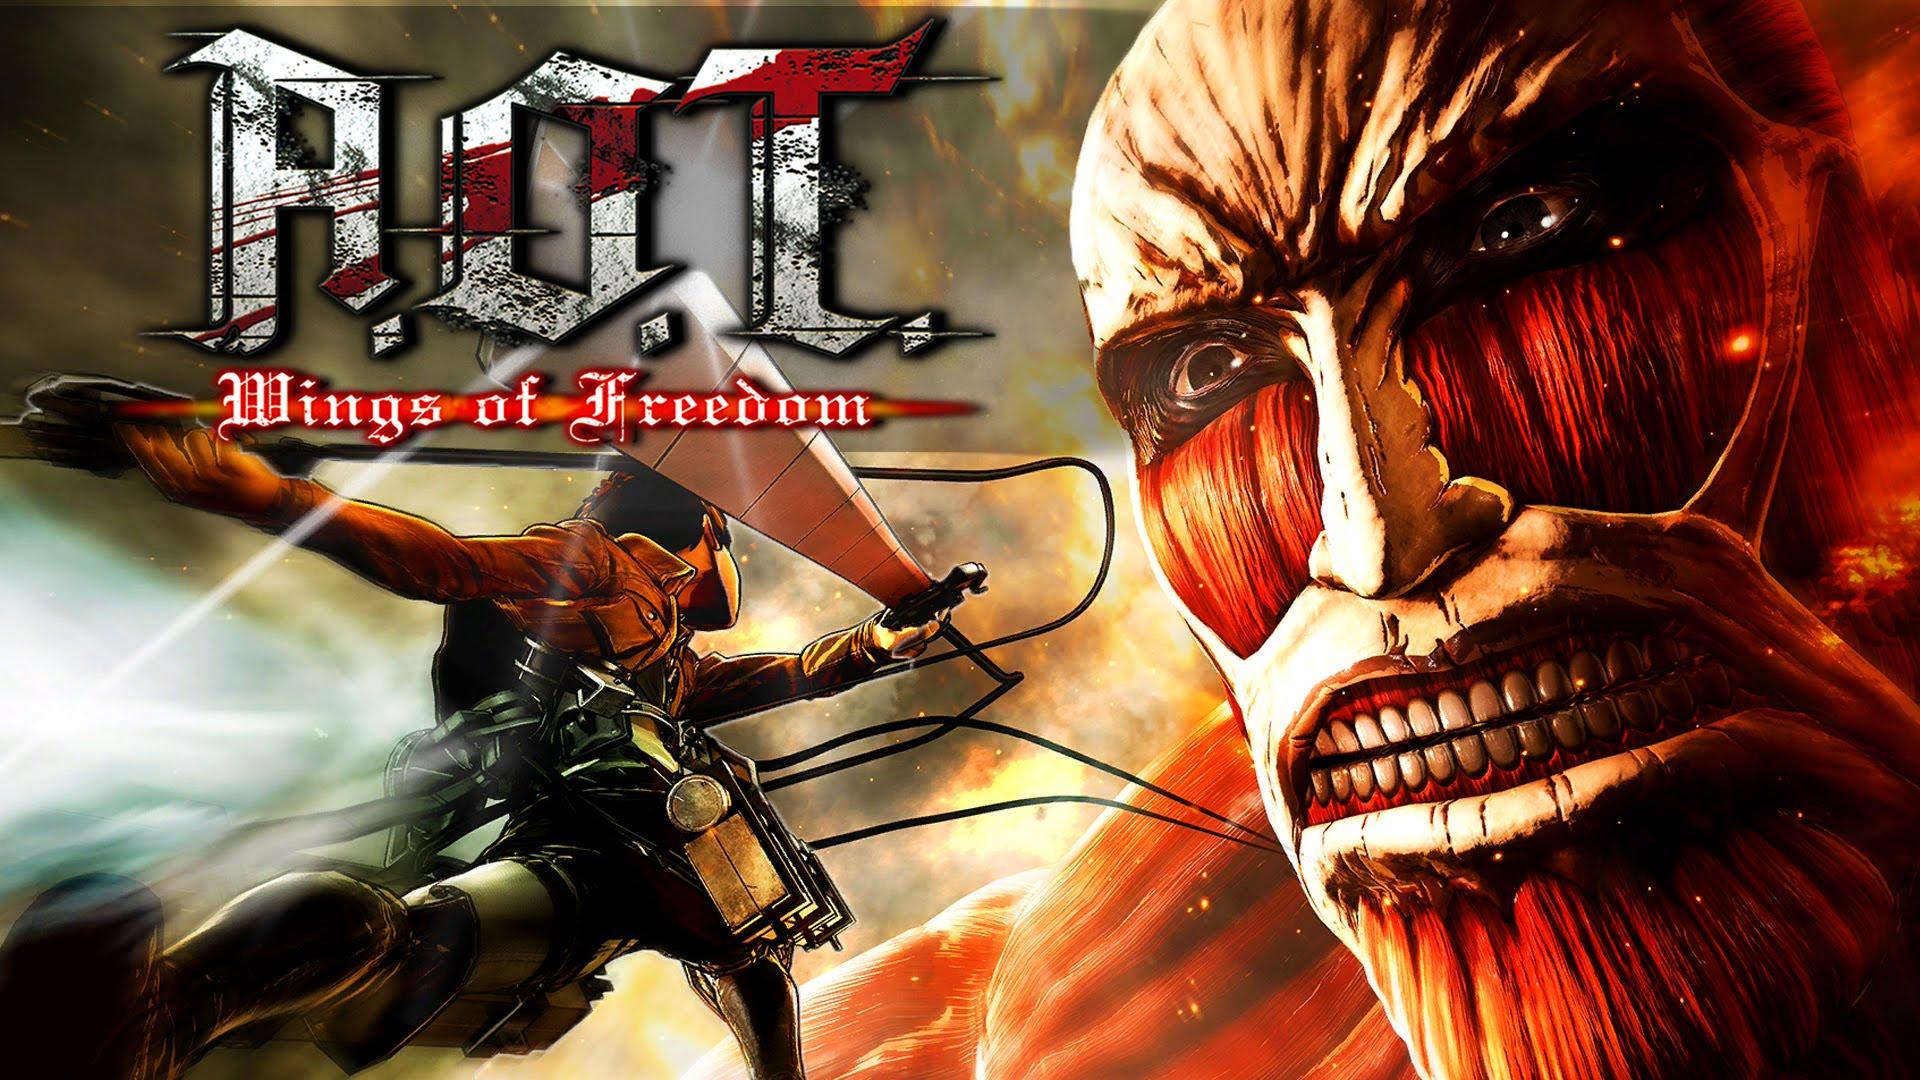 Пост-прохождение Attack of Titan: Wings of Freedom Часть 5 - Изображение 1